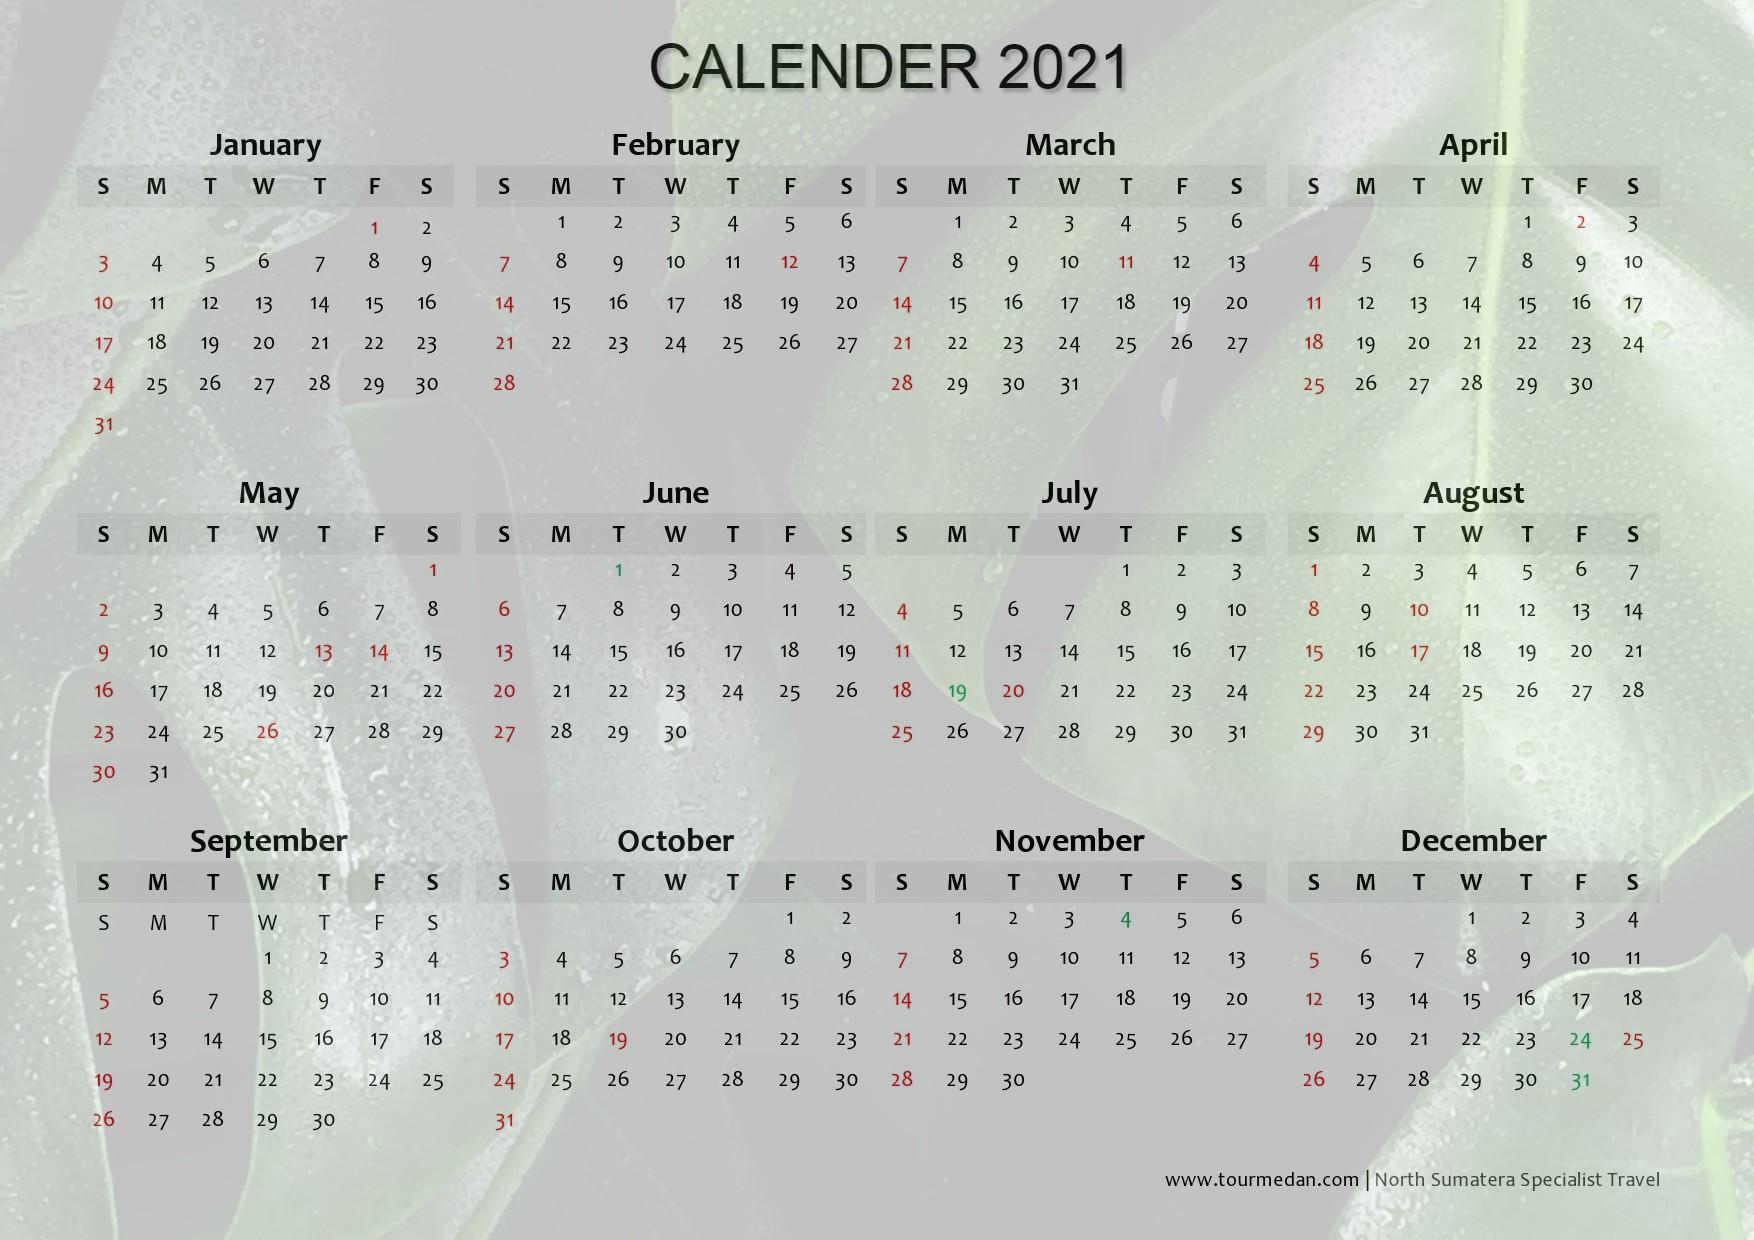 Final Calender 2021